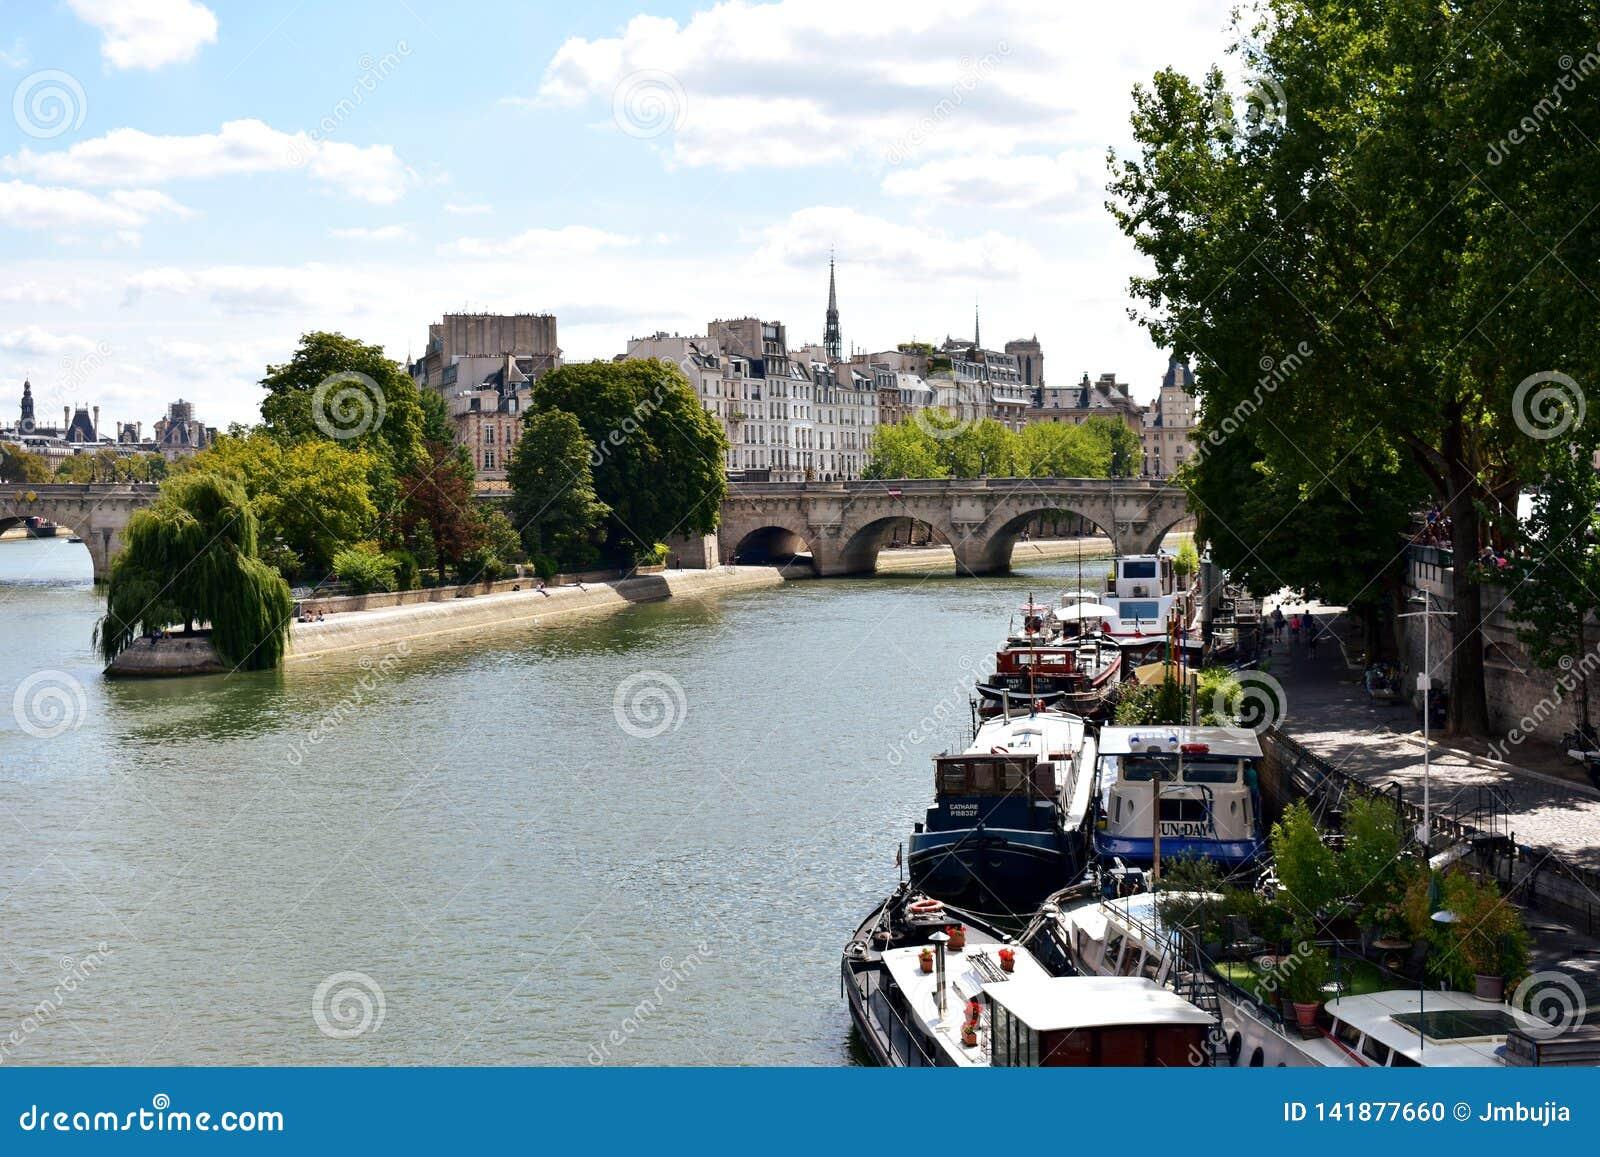 Paris, France La Seine avec des bateaux et Ile de la Cite de Pont des Arts Vue de place de Vert Galant avec le parc 17 août 2018